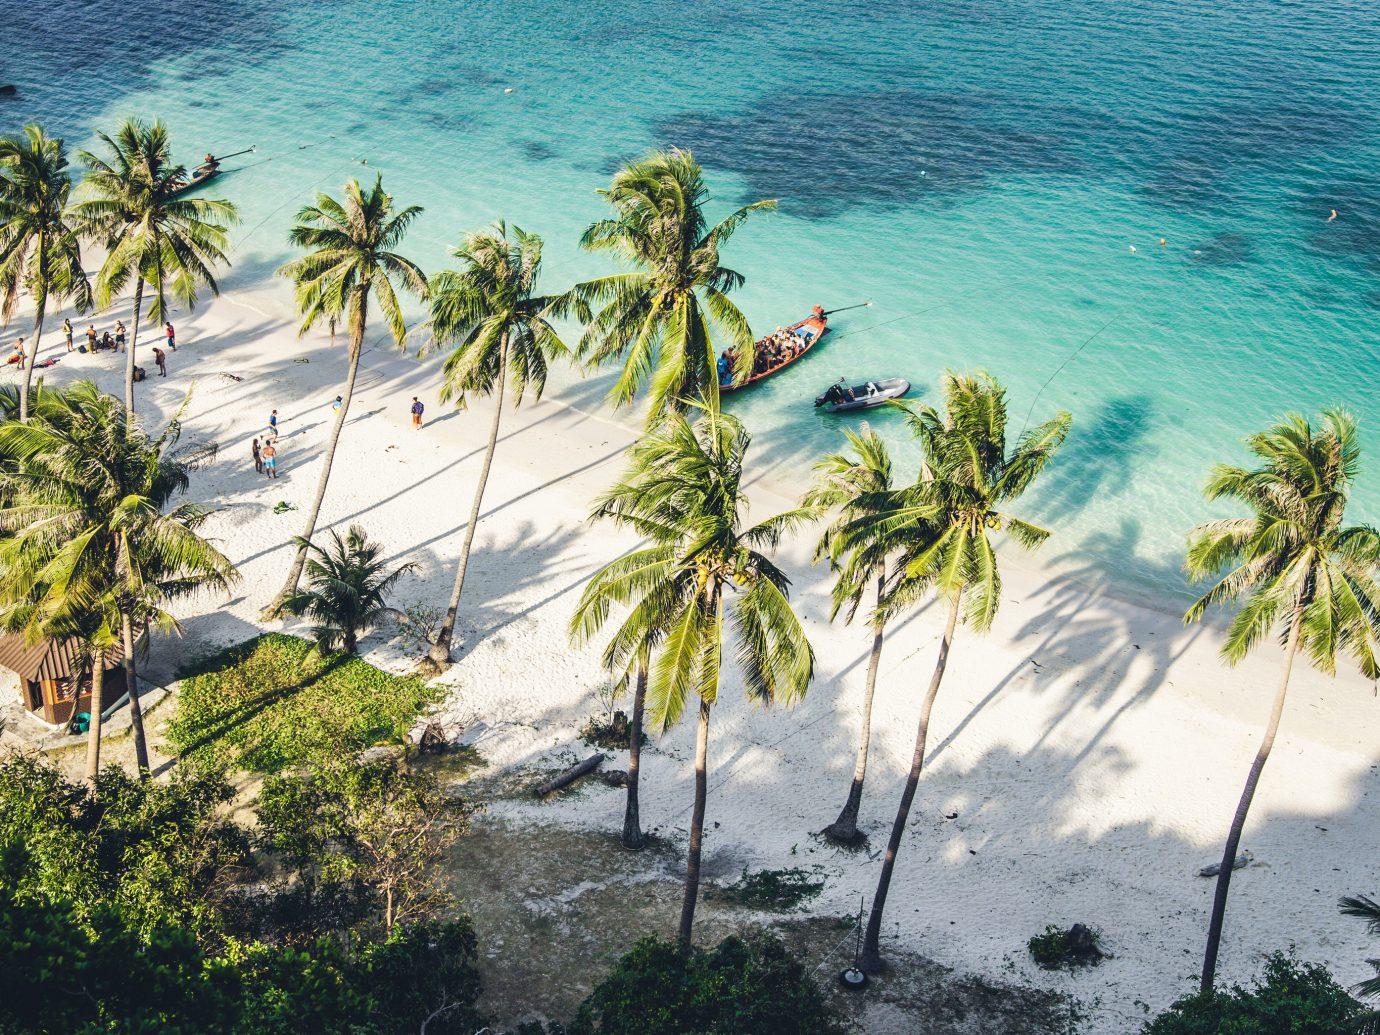 beach in Ko Chang, Thailand